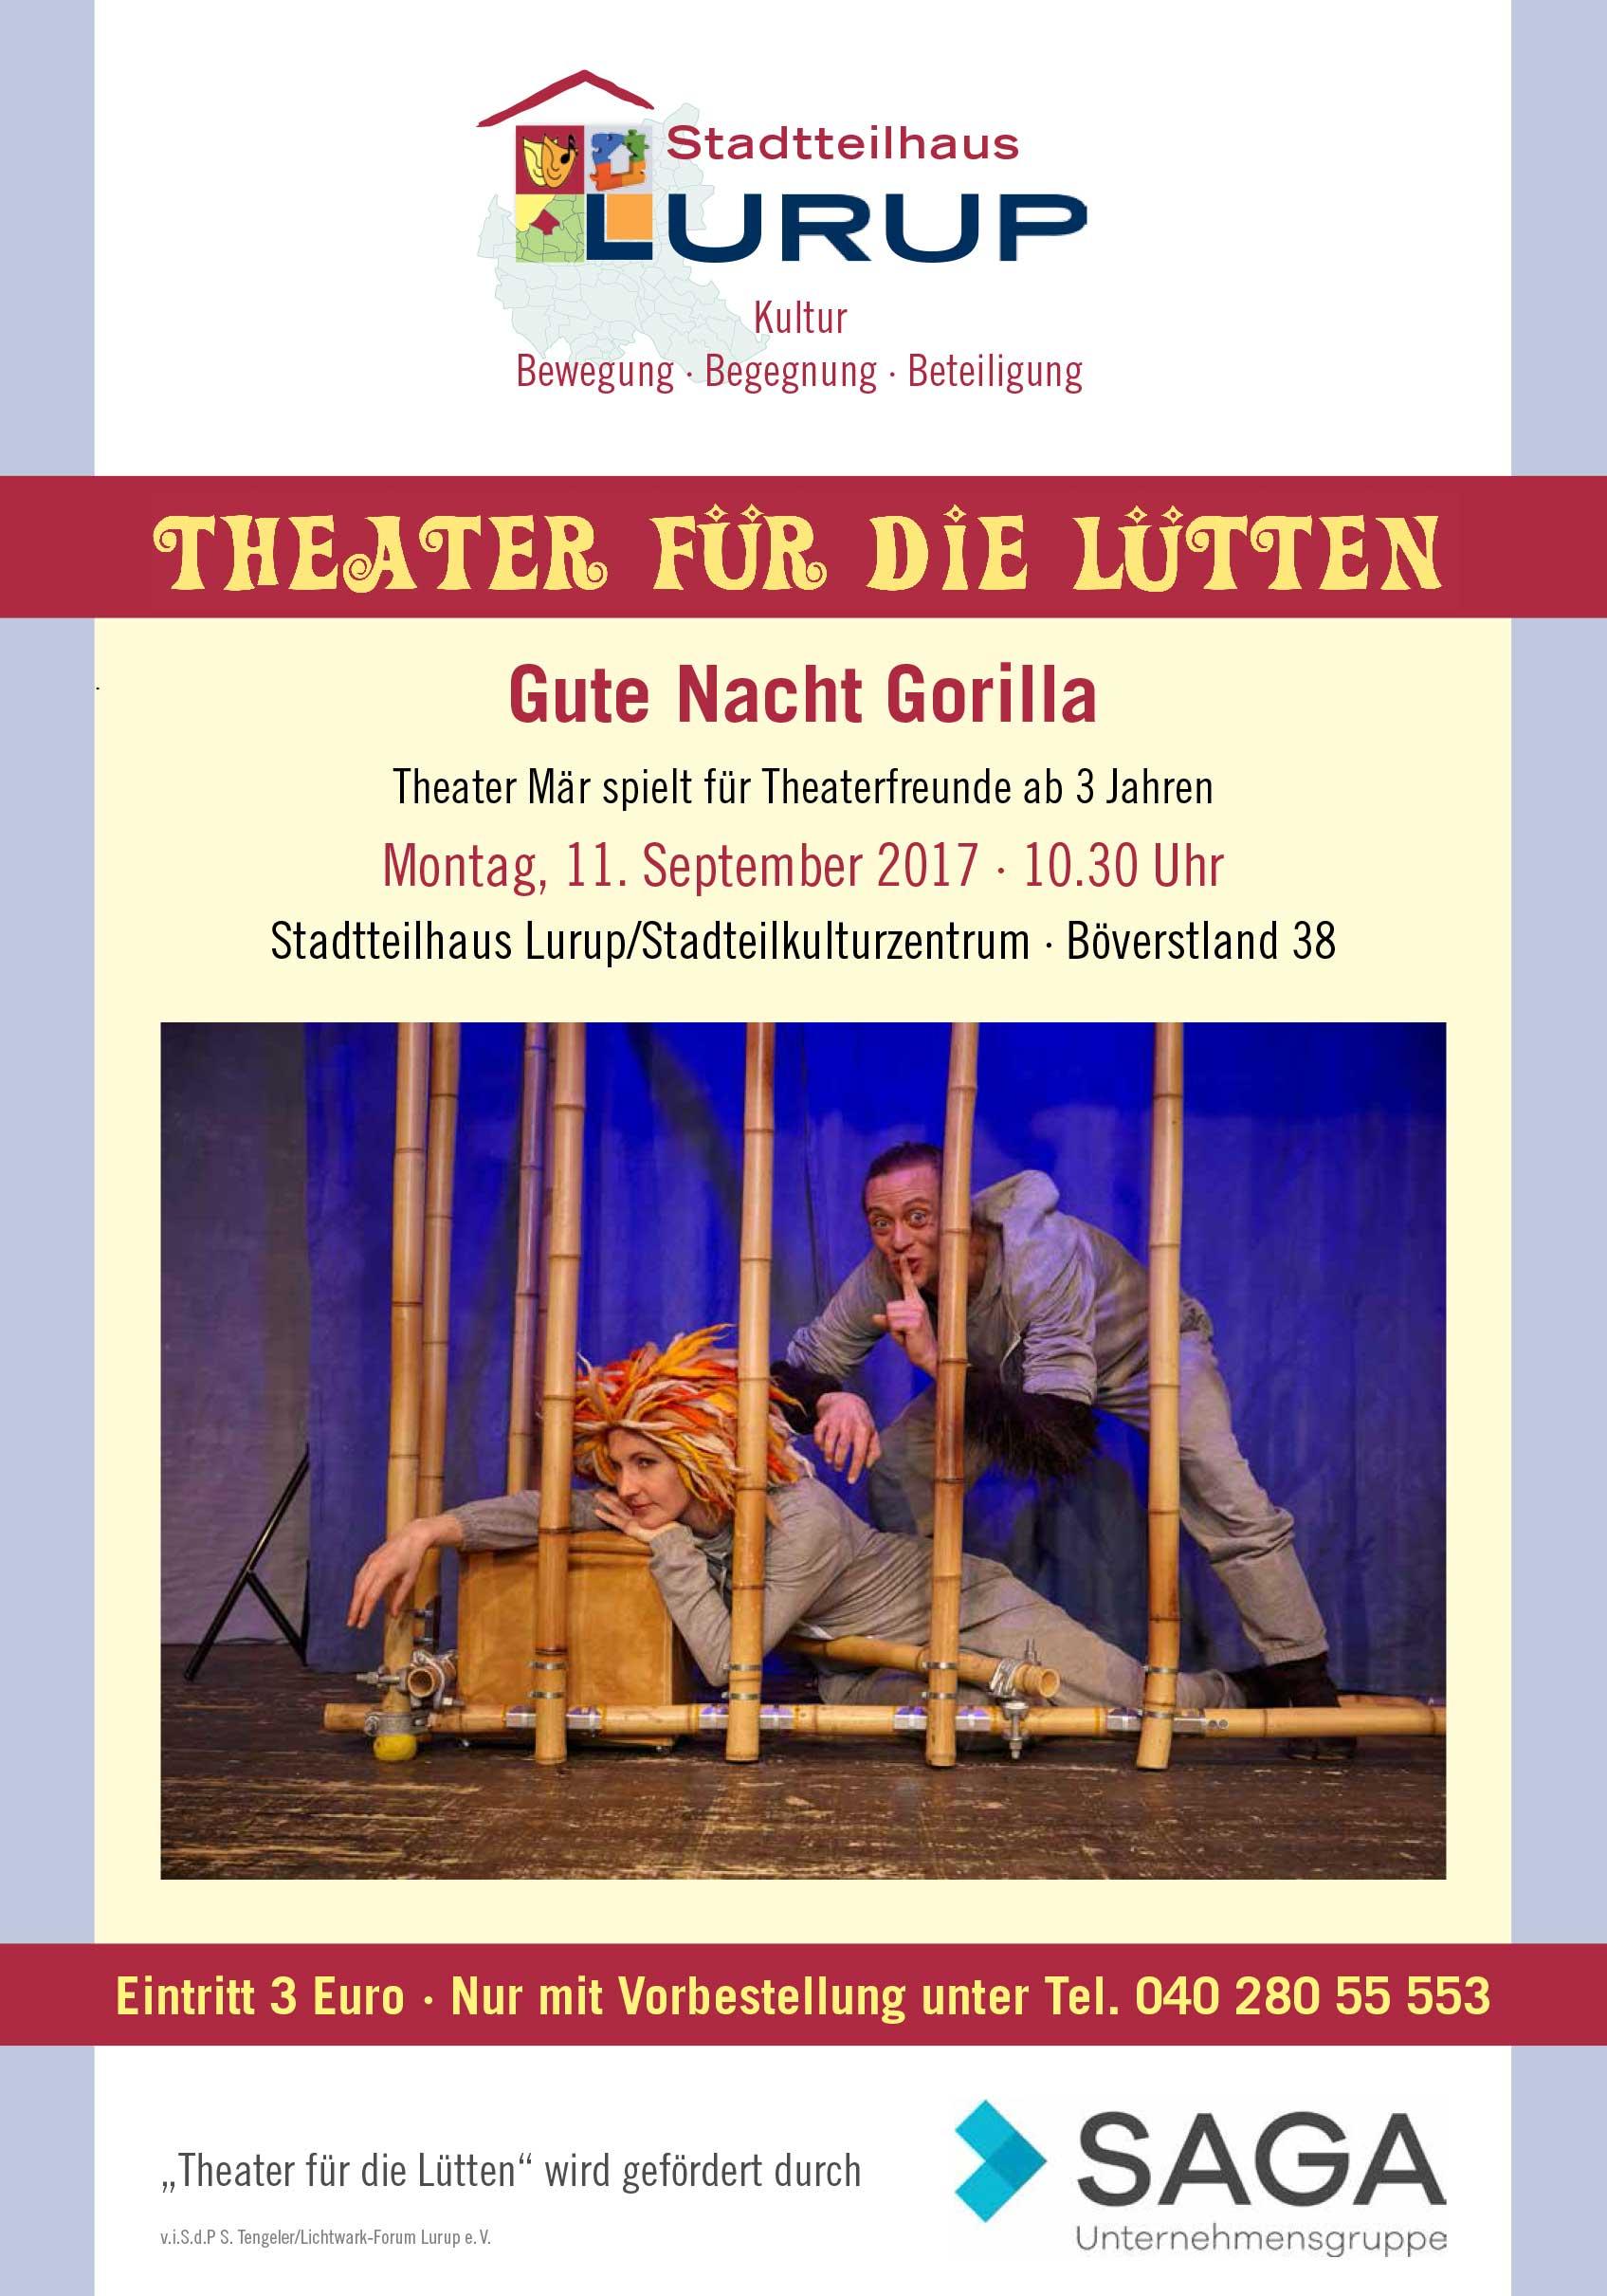 Gute-Nacht-Gorilla-Theater-fd-Luetten2017